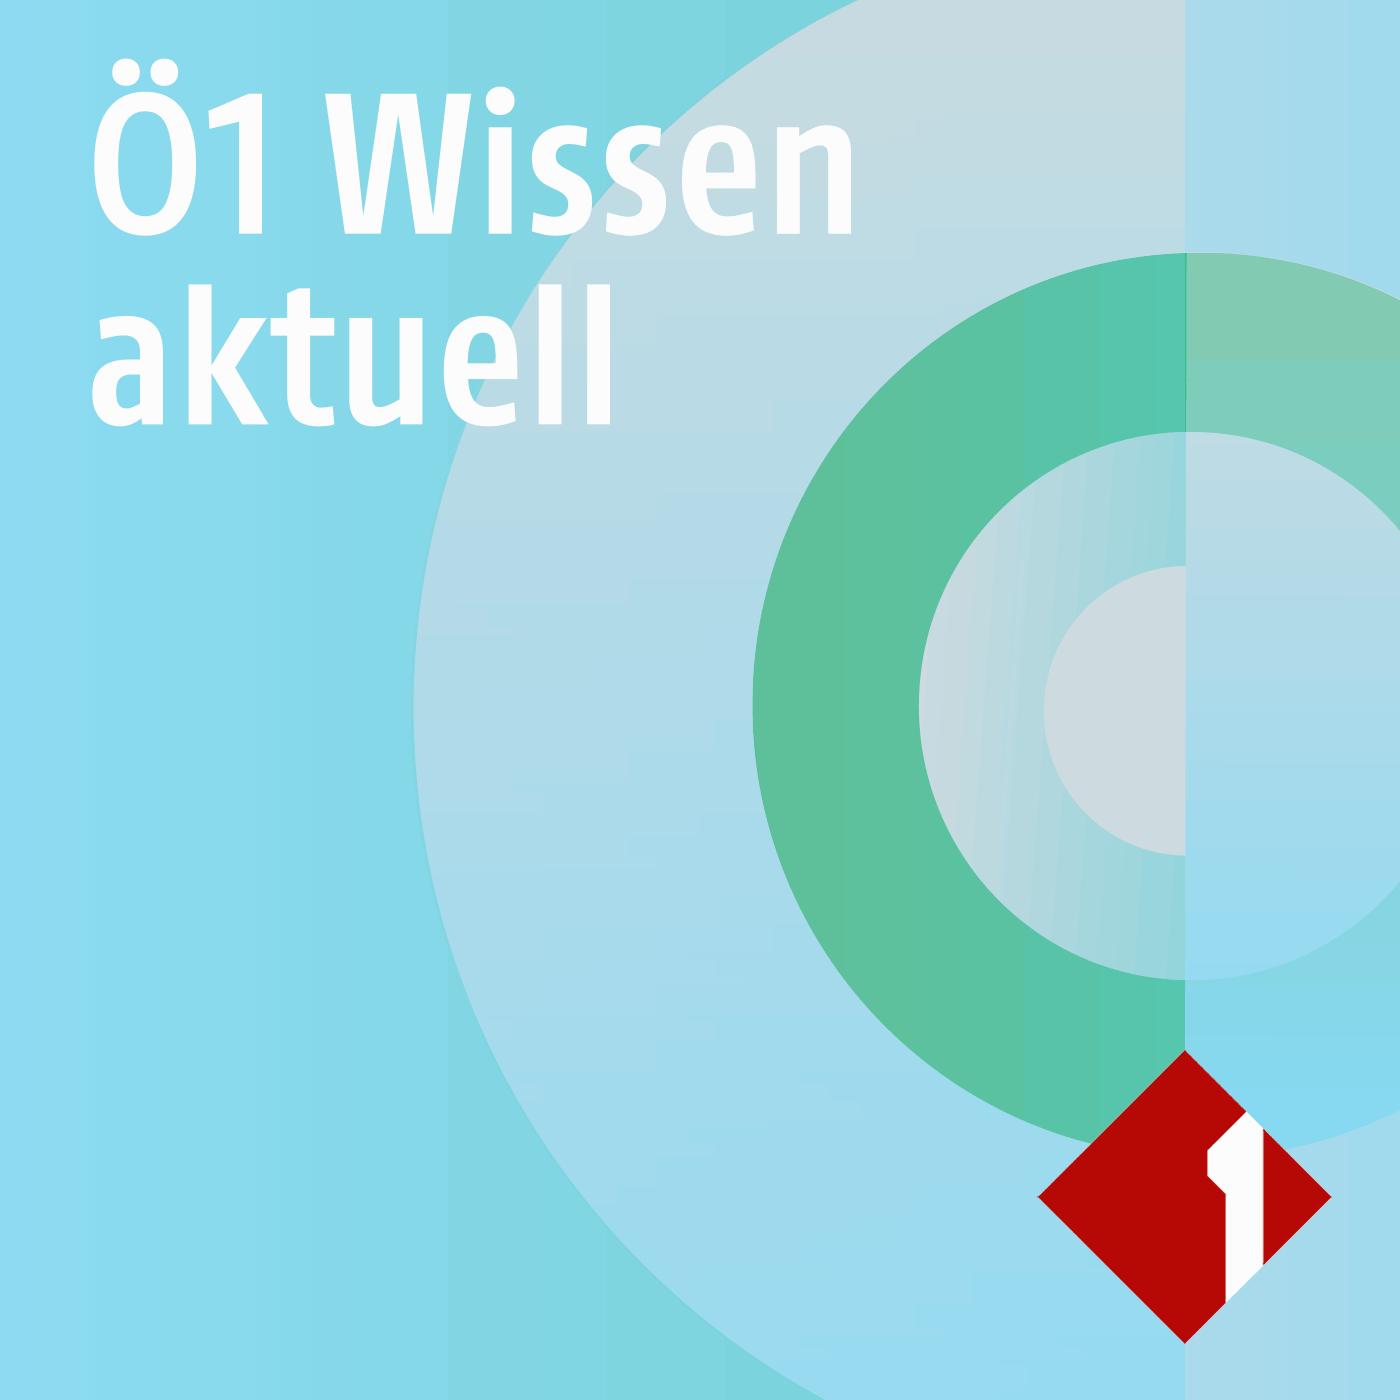 Ö1 Wissen aktuell logo